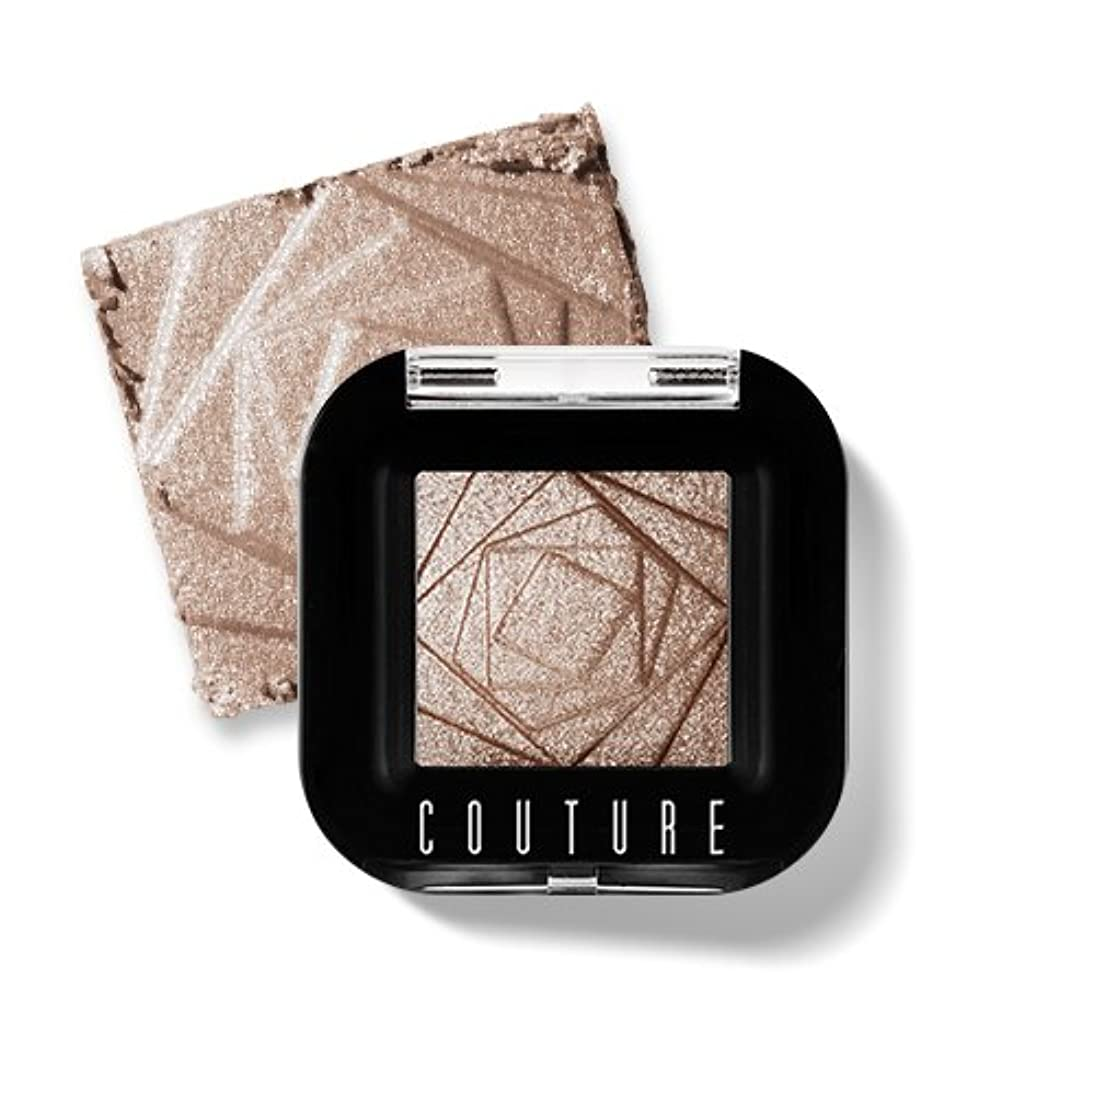 会計士経済的コンセンサスAPIEU Couture Shadow (# 8) /アピュ/オピュ クチュールシャドウ [並行輸入品]